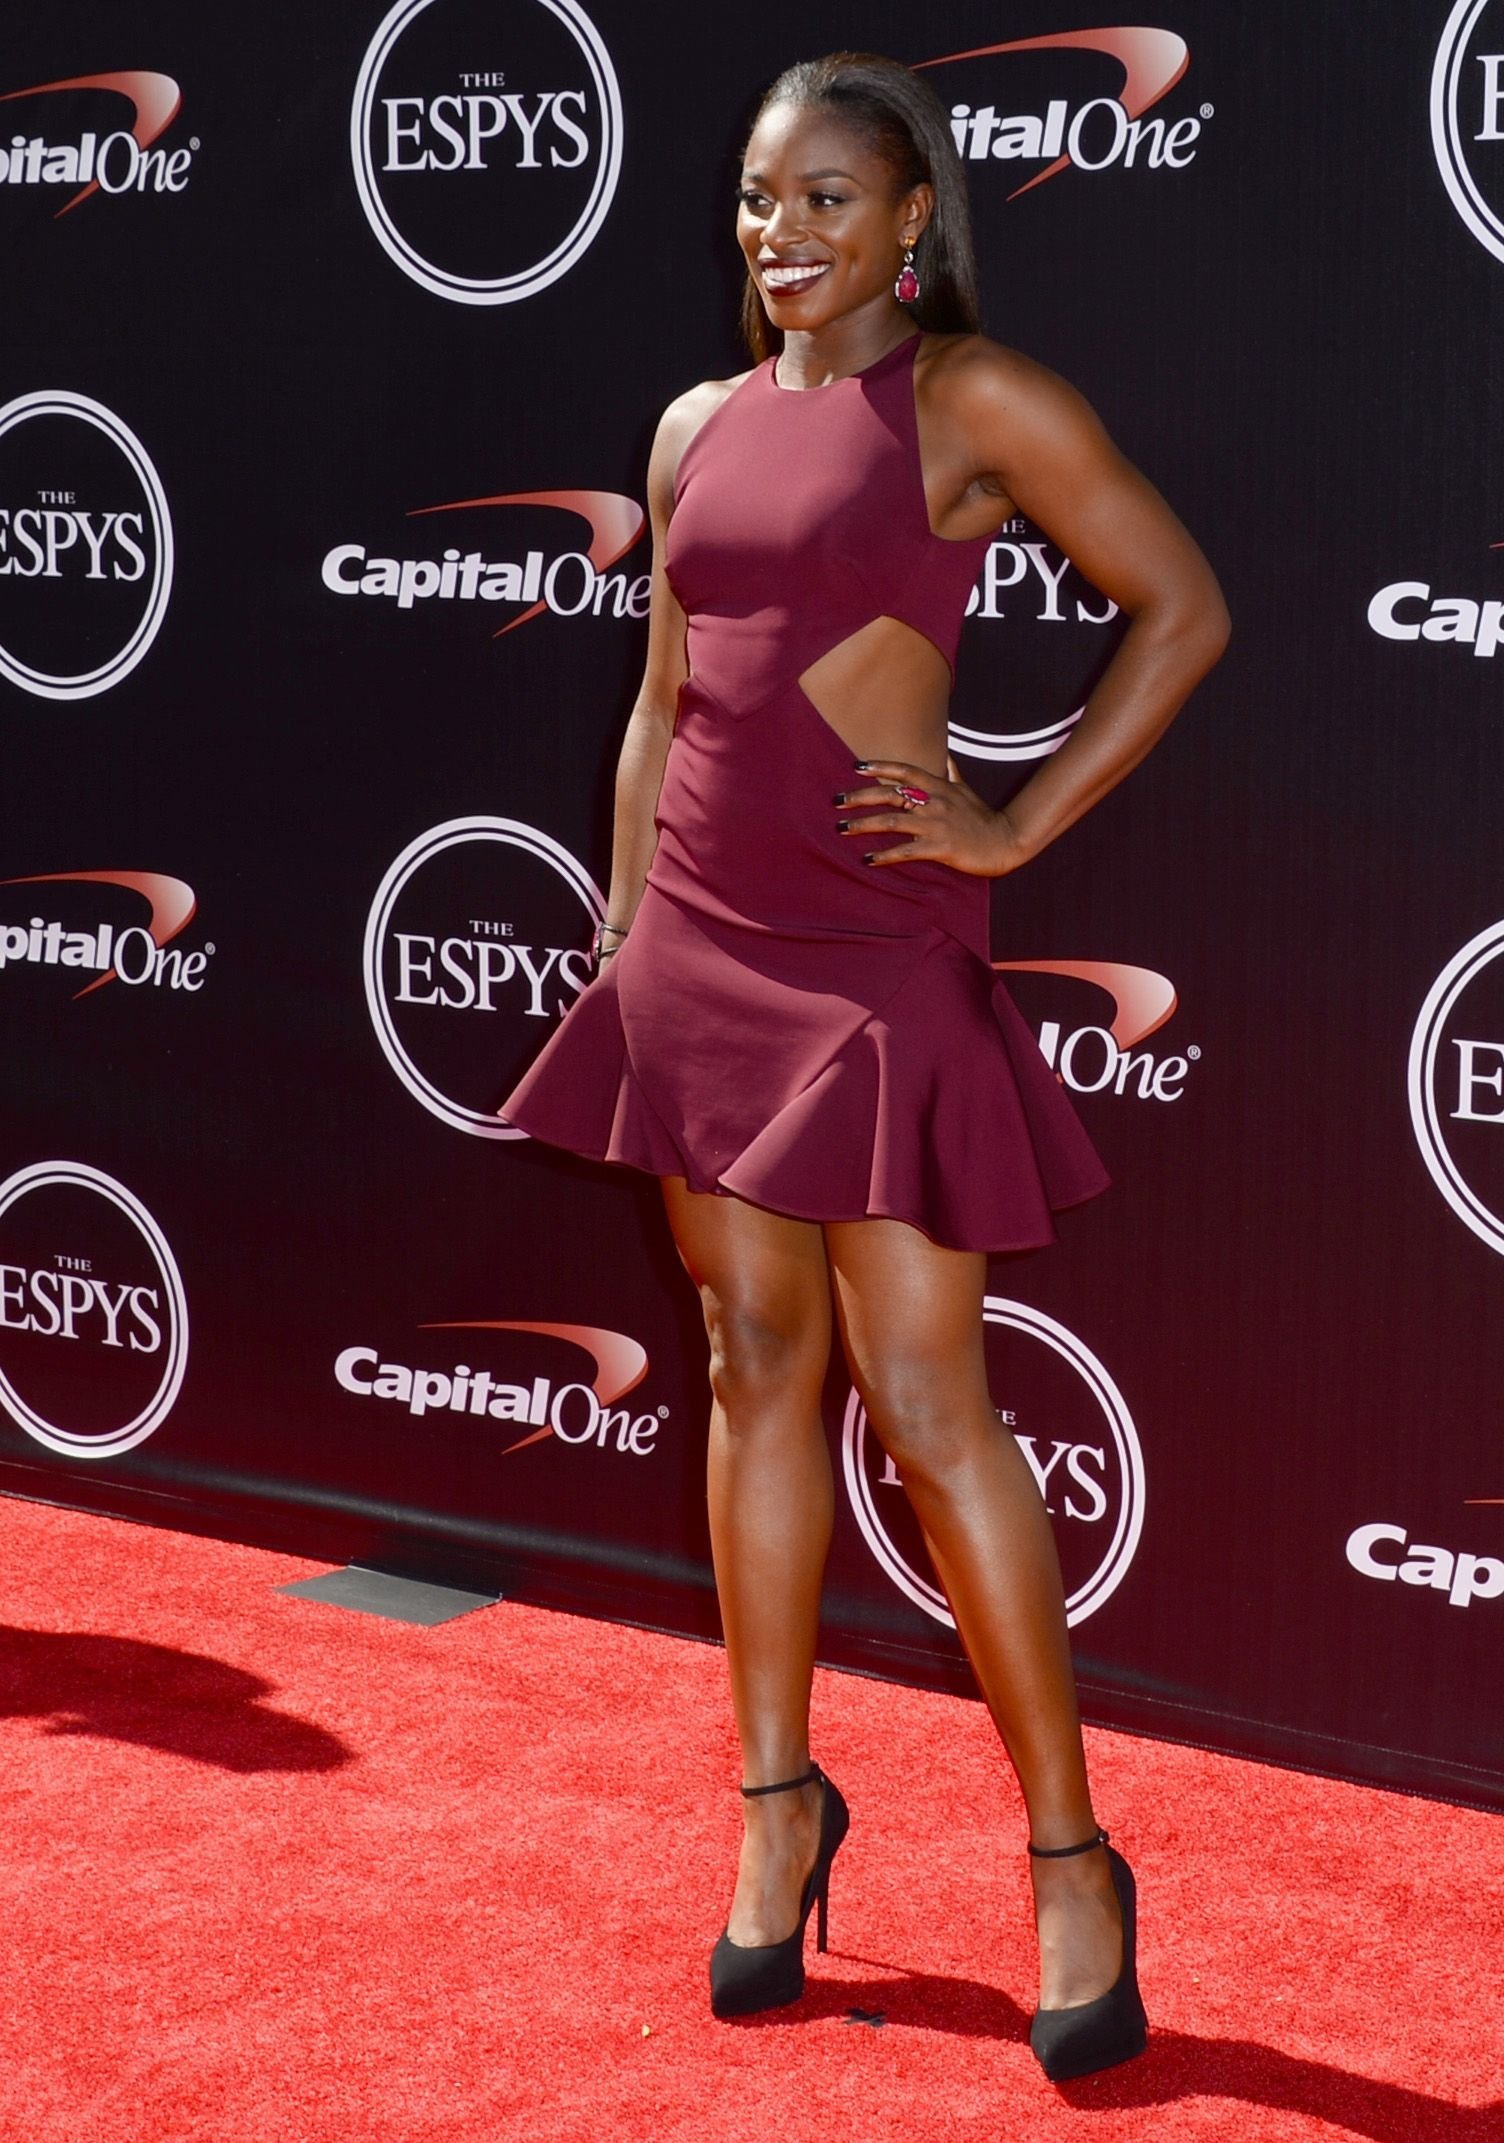 لاعبة التنس الأمريكية سلون ستيفنز